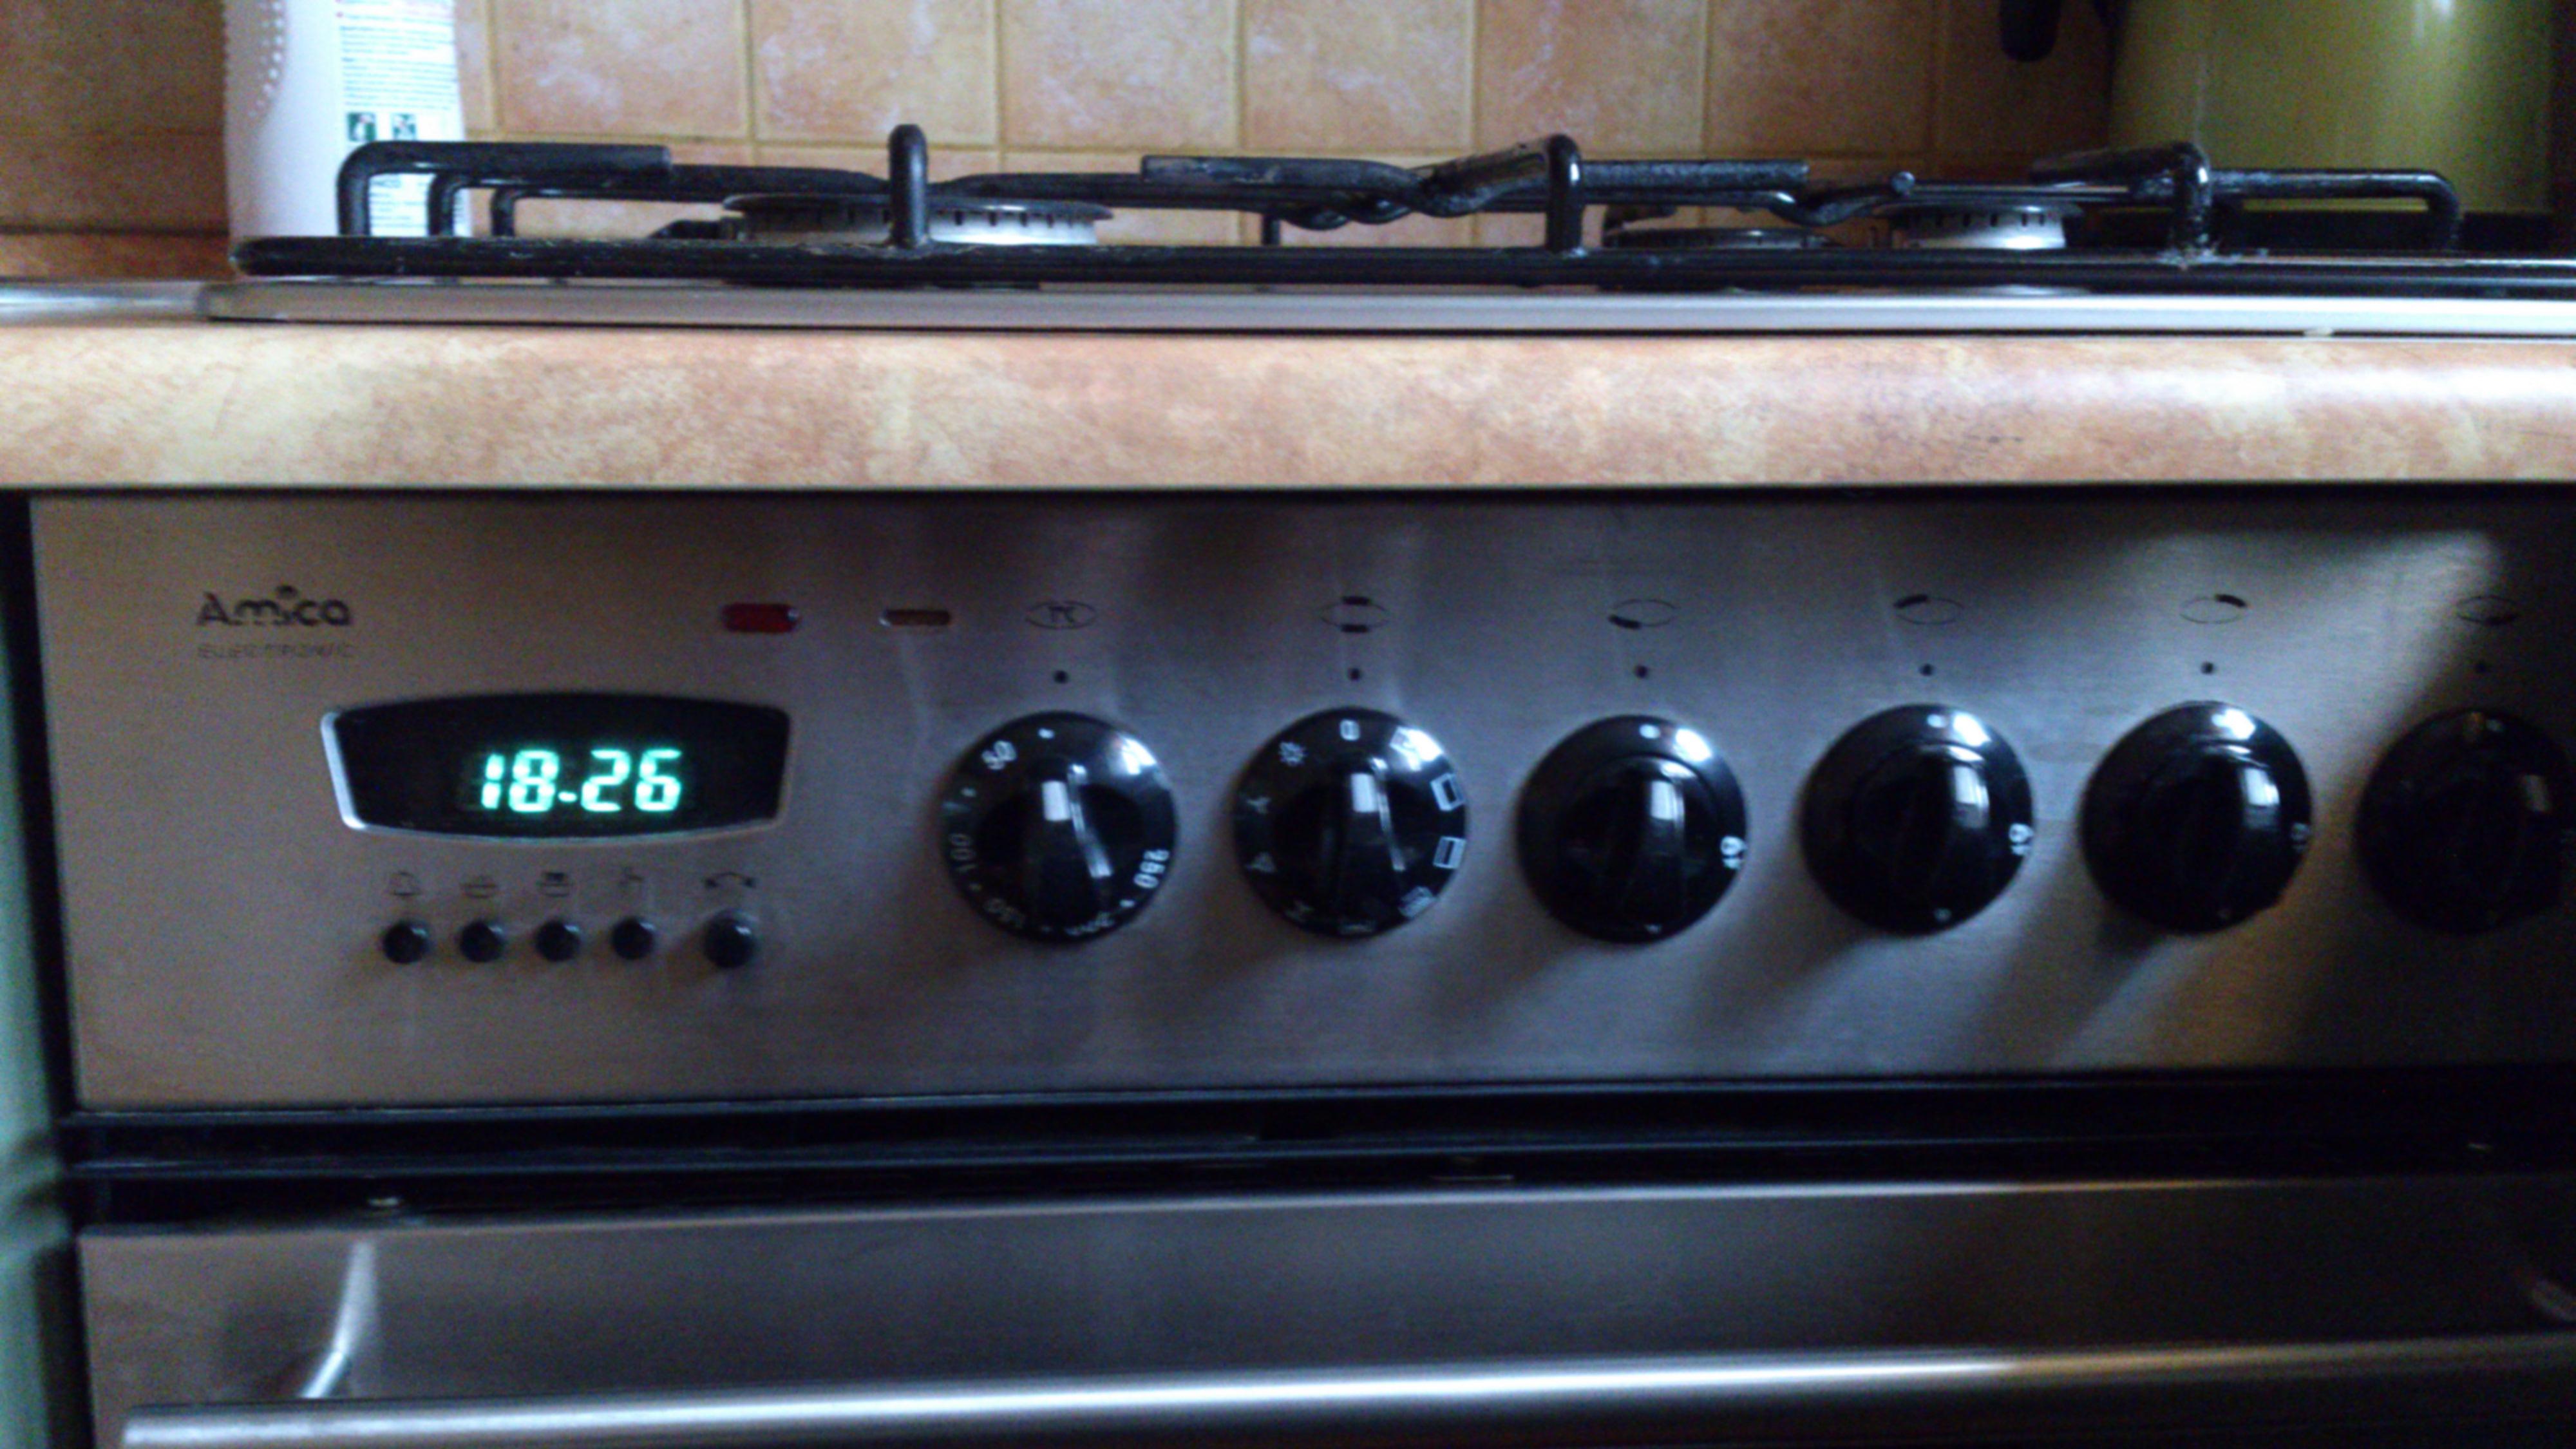 AMICA EGH 3 3  Kuchenka AMICA EGH 3 3 nie działają grzałki -> Kuchnia Amica Nie Dziala Wyswietlacz